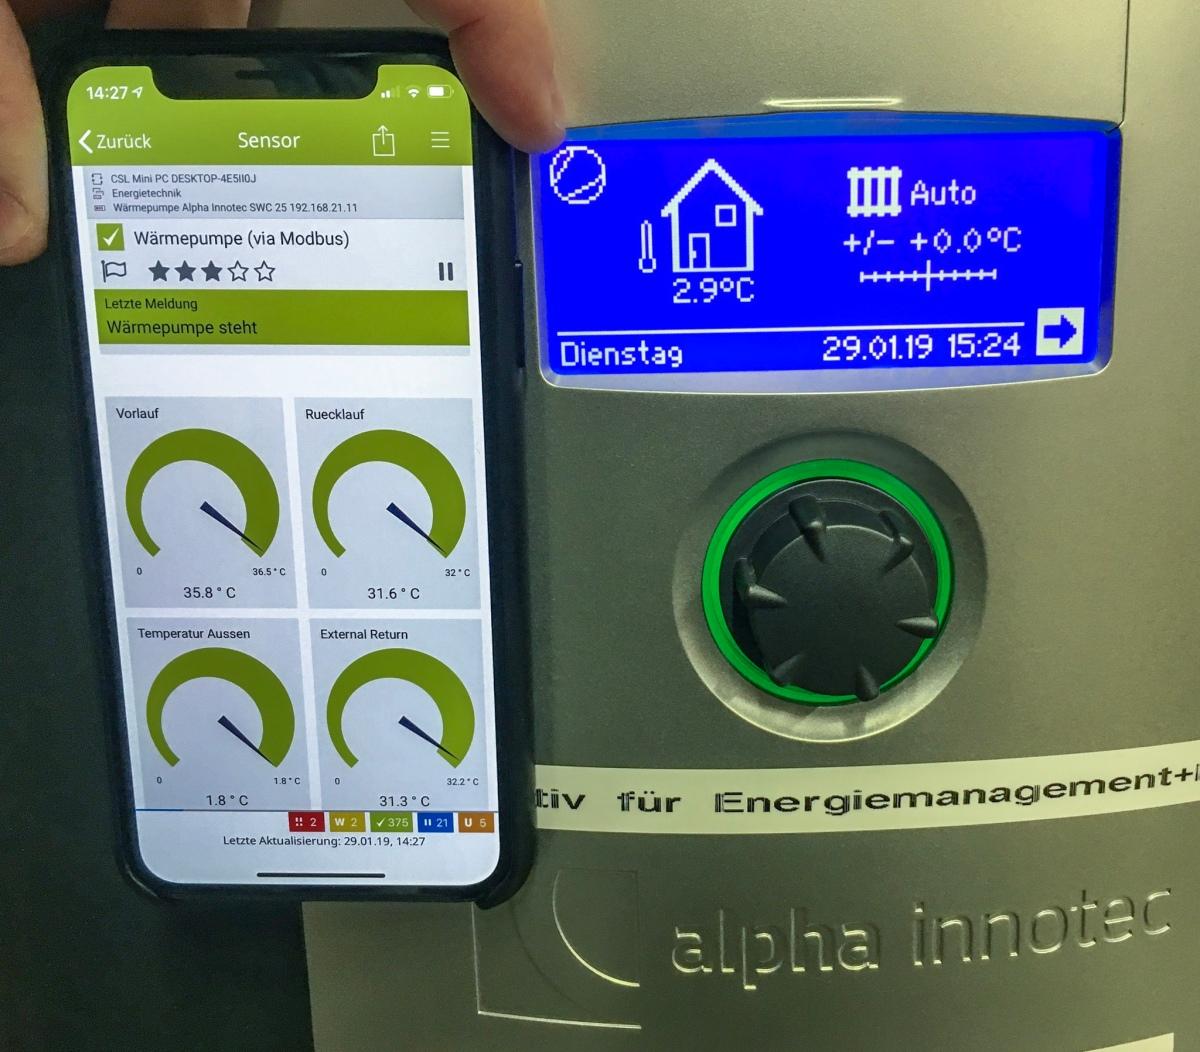 Alpha Innotec Wärmepumpe via ModBus mit PRTGüberwachen